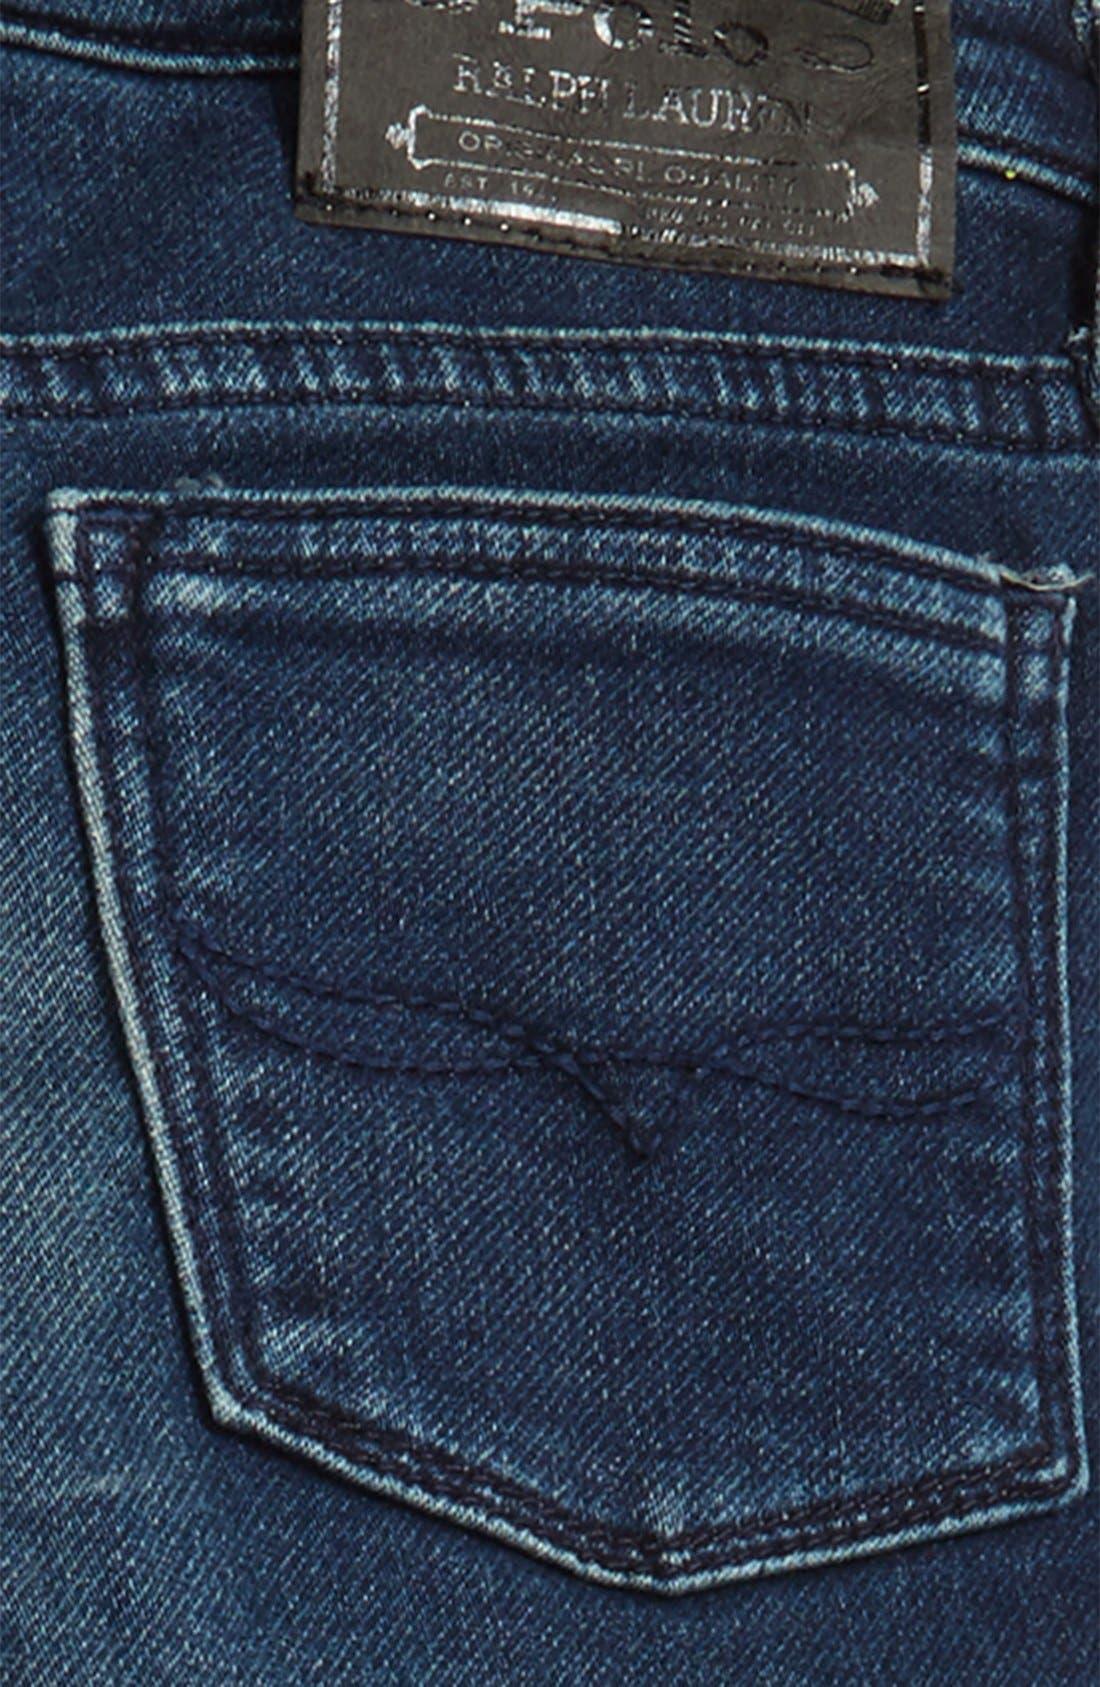 Alternate Image 3  - Ralph Lauren Moto Skinny Jeans (Toddler Girls & Little Girls)